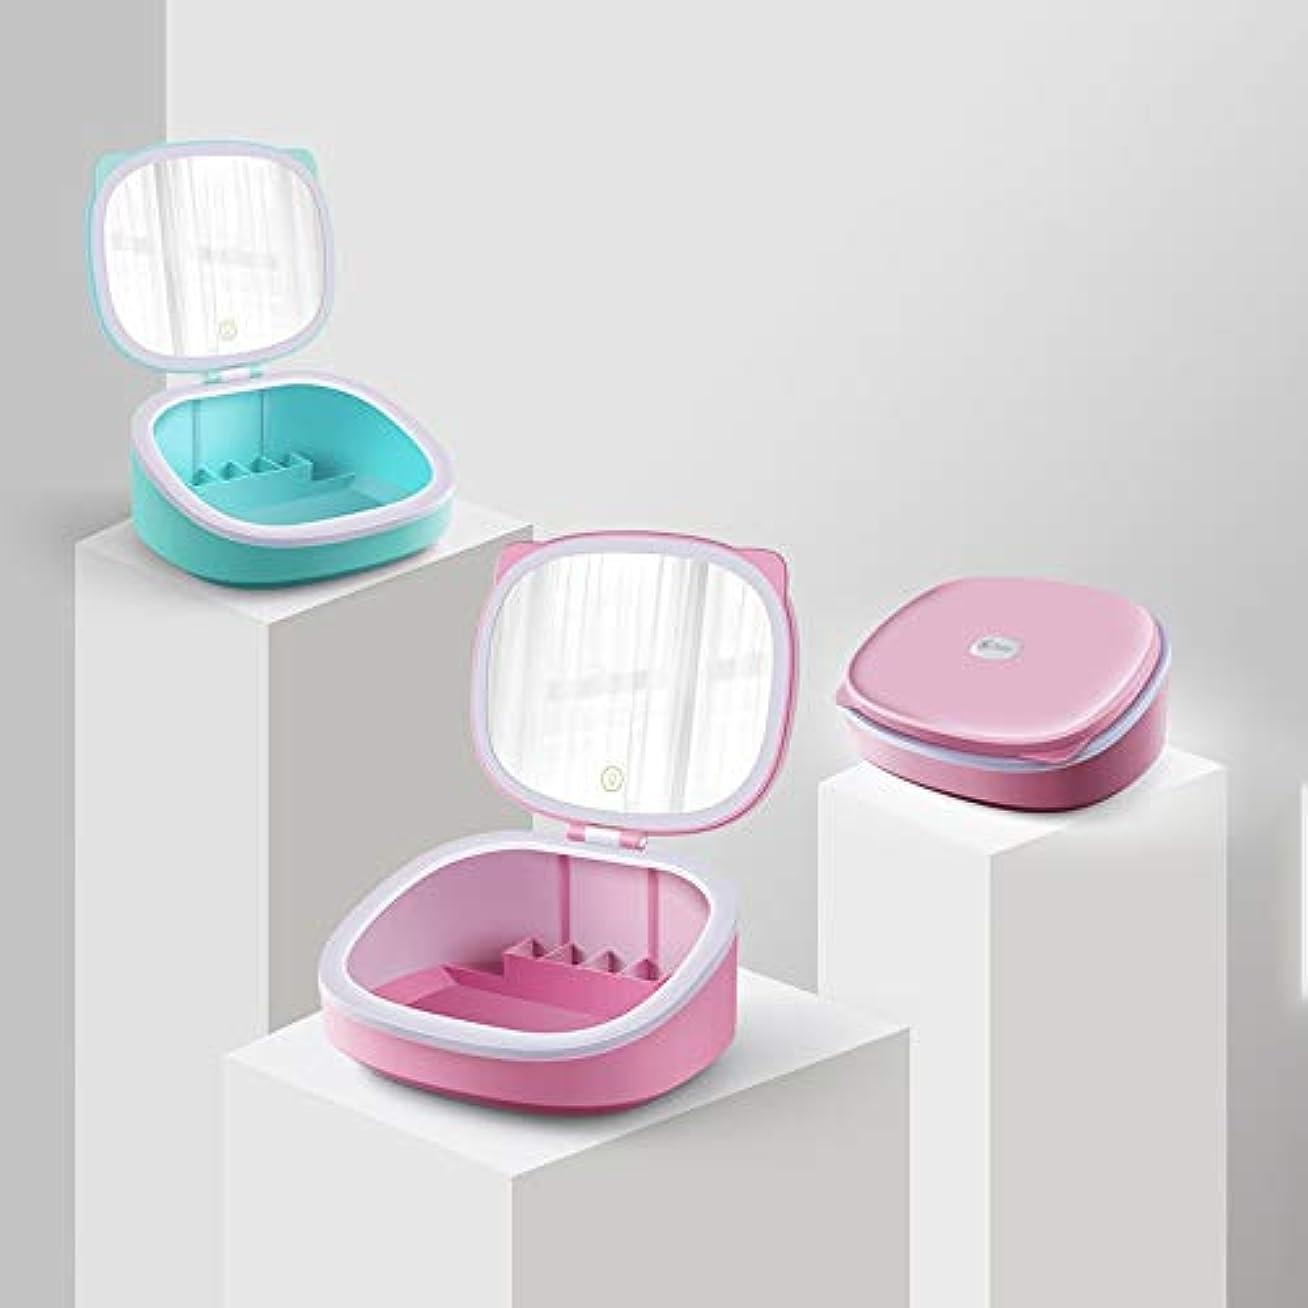 思想くそーノベルティ流行の LEDライト化粧鏡収納猫美容鏡卓上鏡多機能光ABSピンクブルーを調整することができます (色 : Pink)